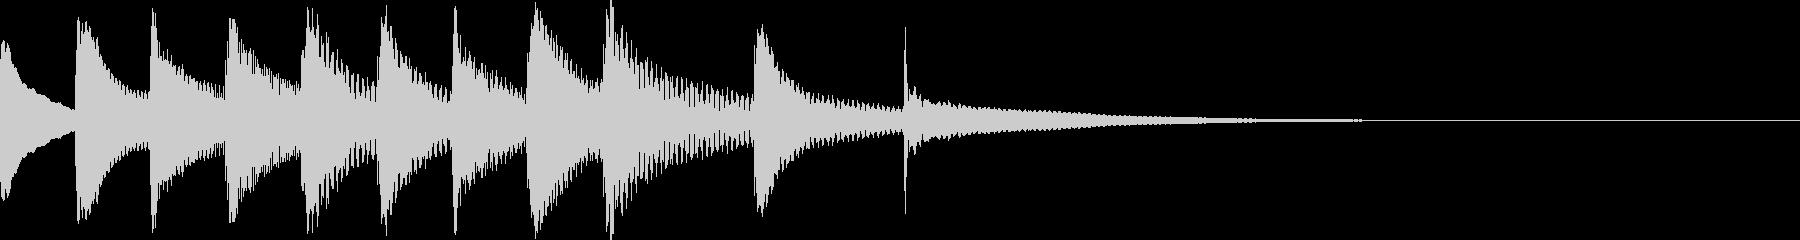 コミカルな動きに合わせたメルヘンチックの未再生の波形